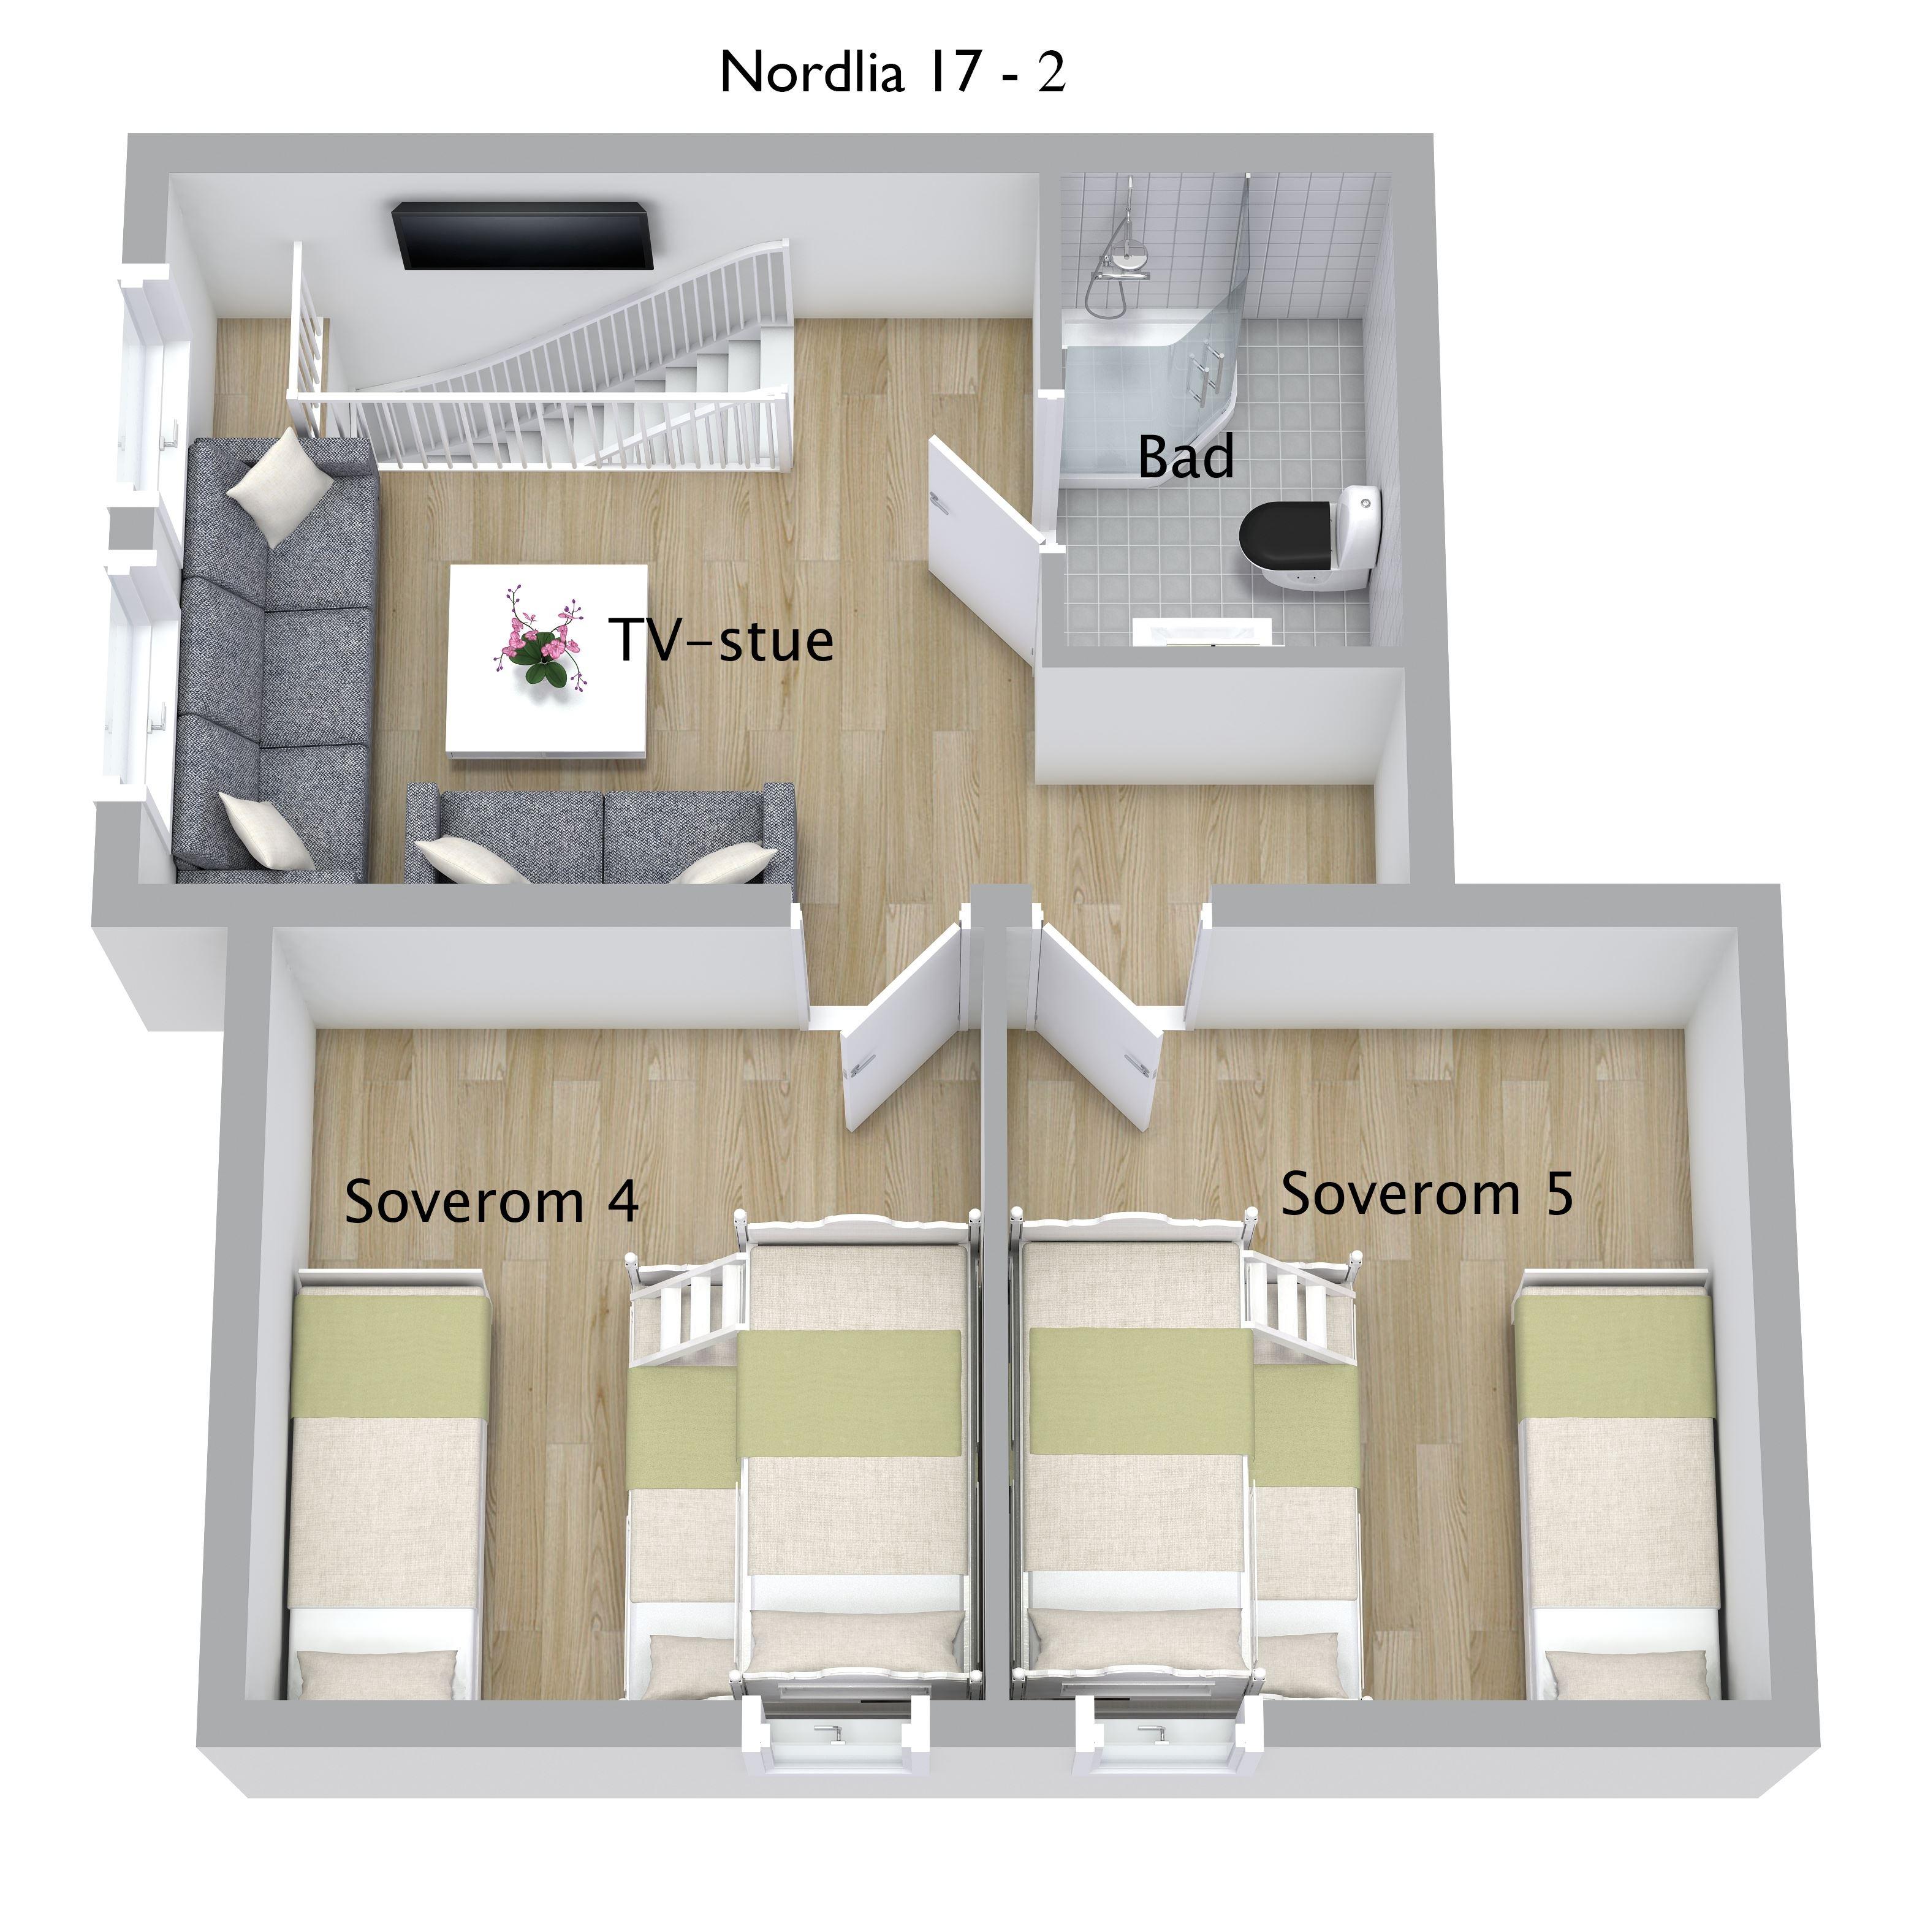 Solsiden storhytter - Nordlia nr. 17